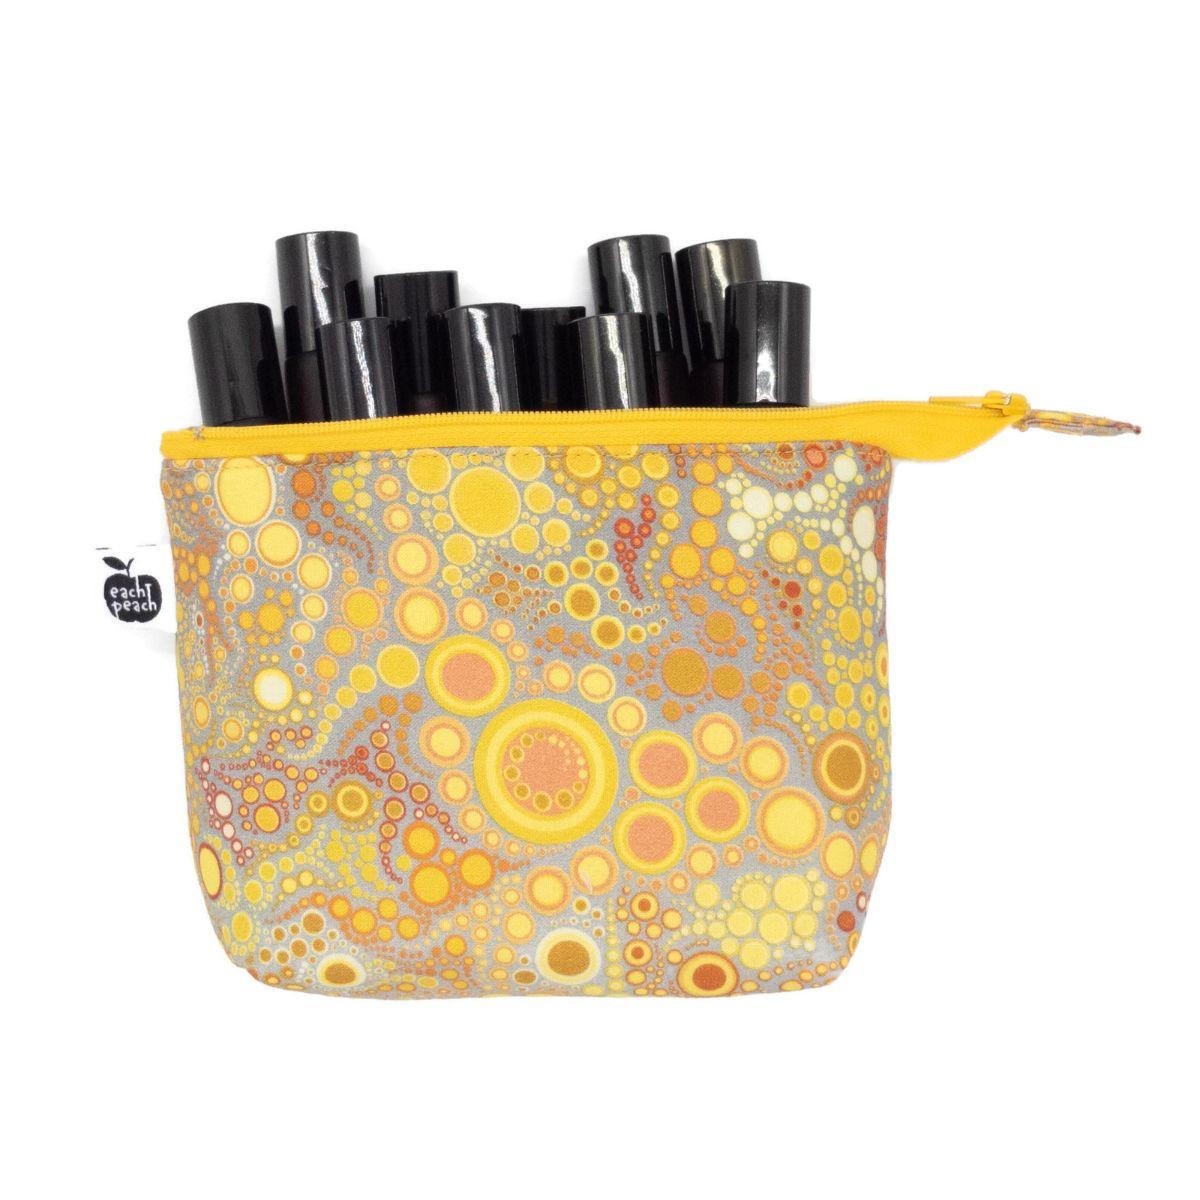 Yellow roller bottle bag